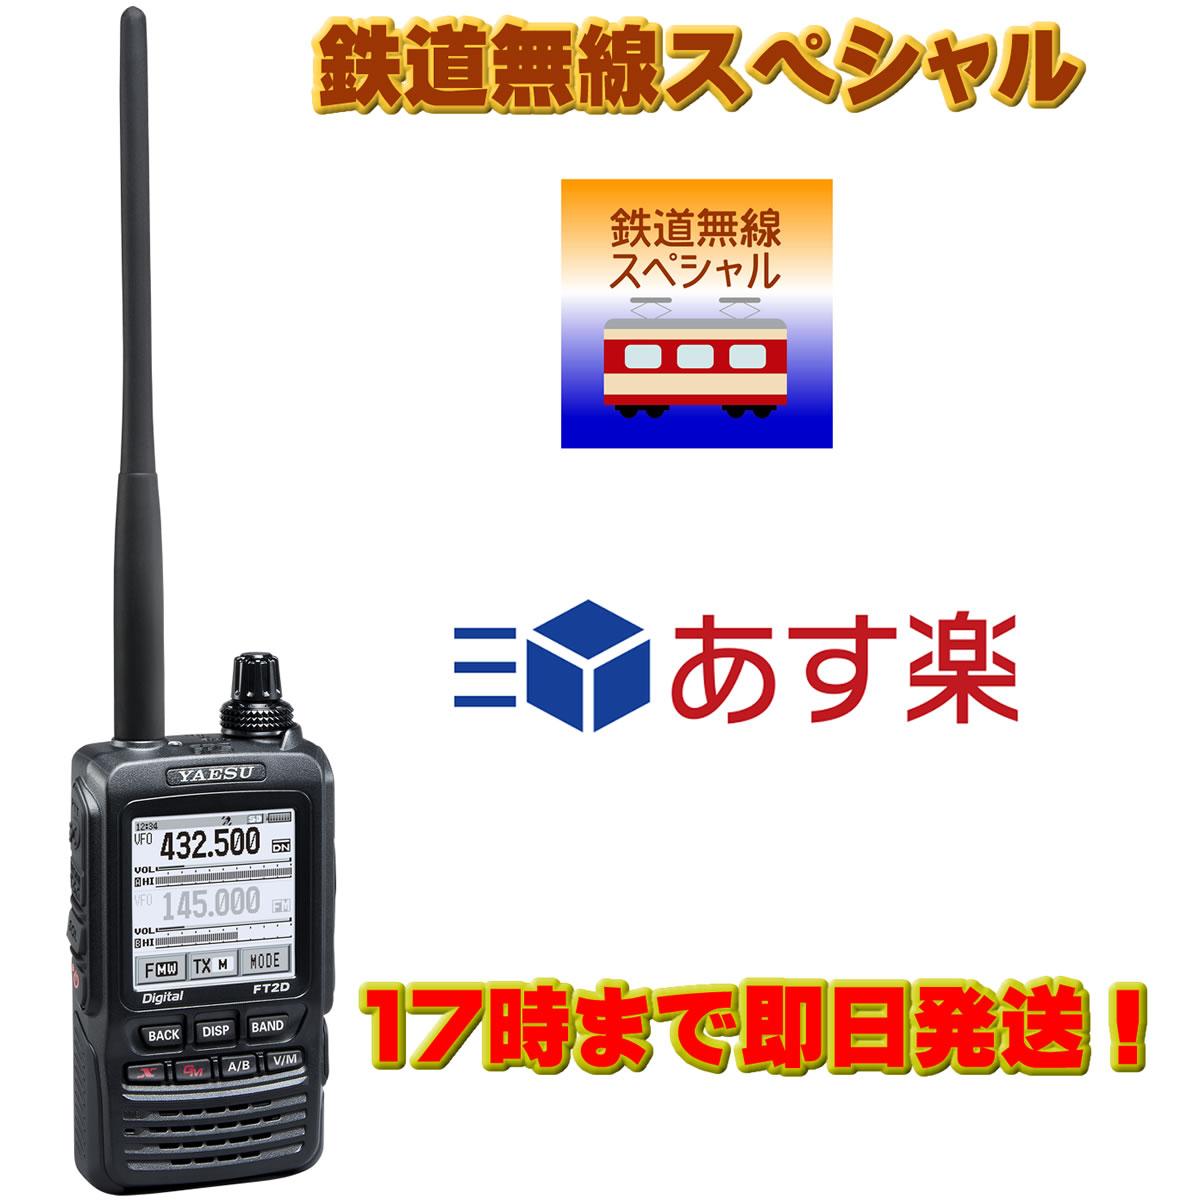 【ラッキーシール対応】 FT2D 八重洲無線 鉄道無線メモリーバージョン